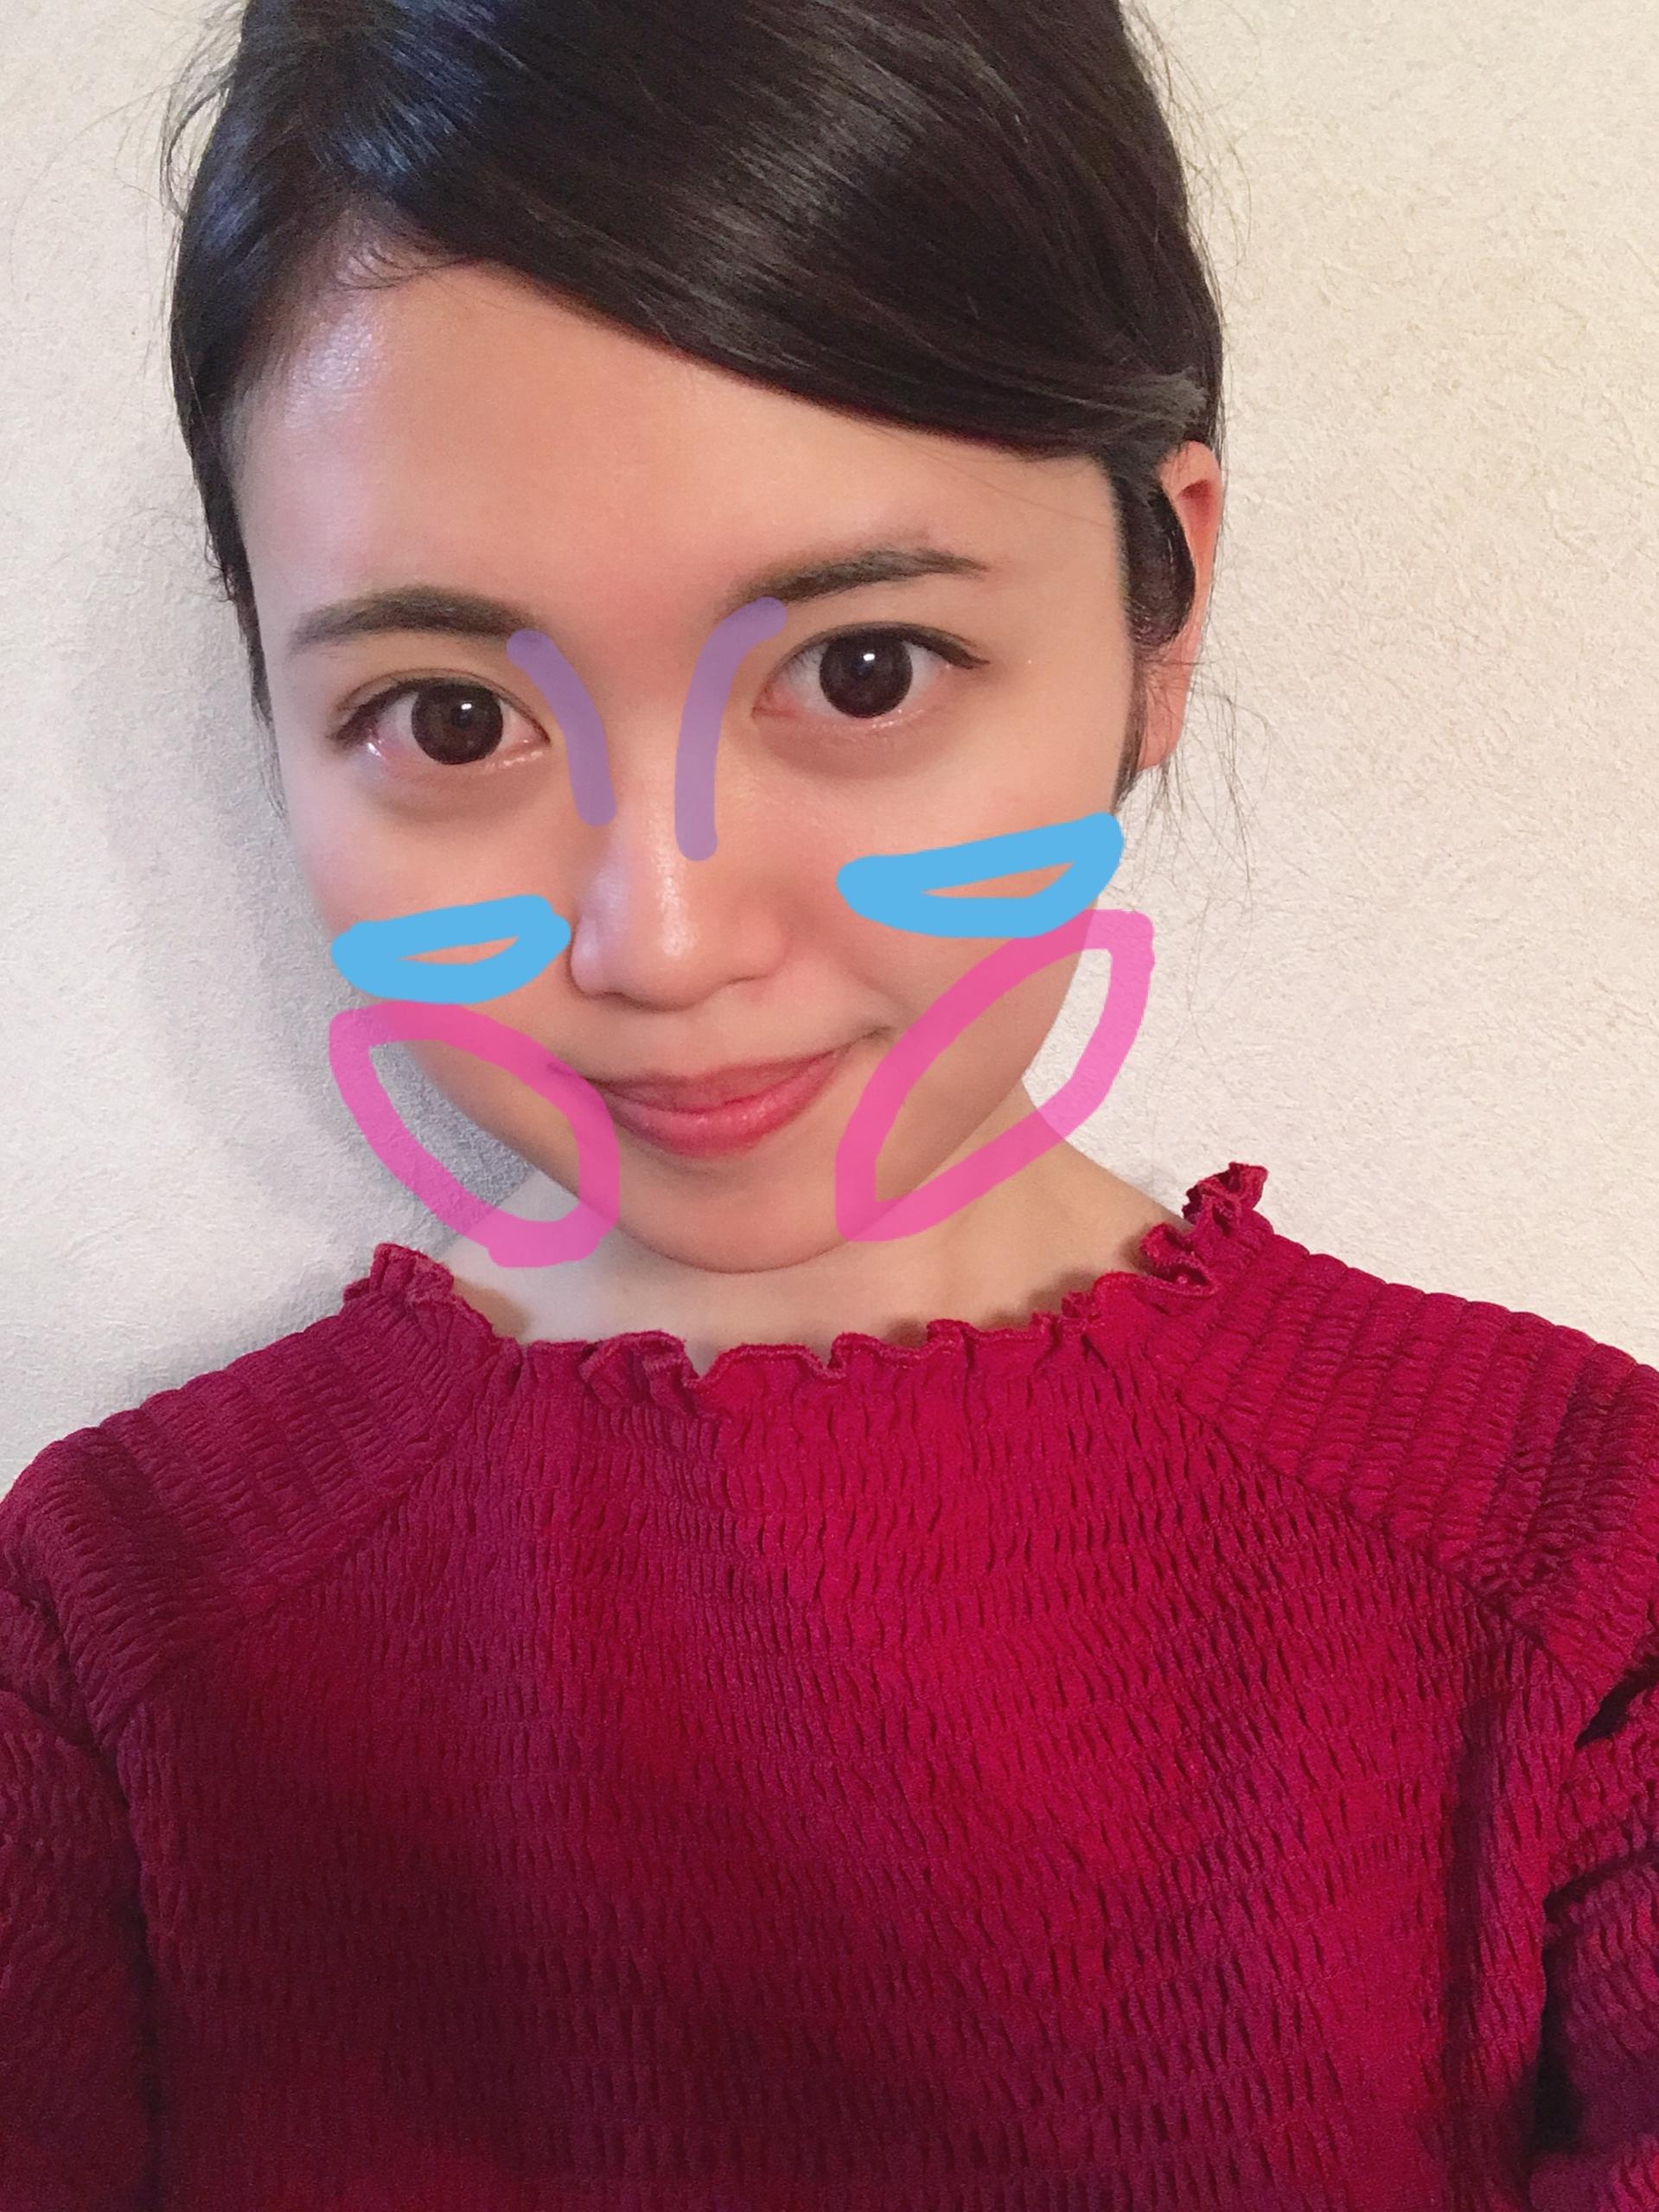 【600円で小顔シェーディング?!】丸顔の私が使っている小顔アイテム☺︎_1_3